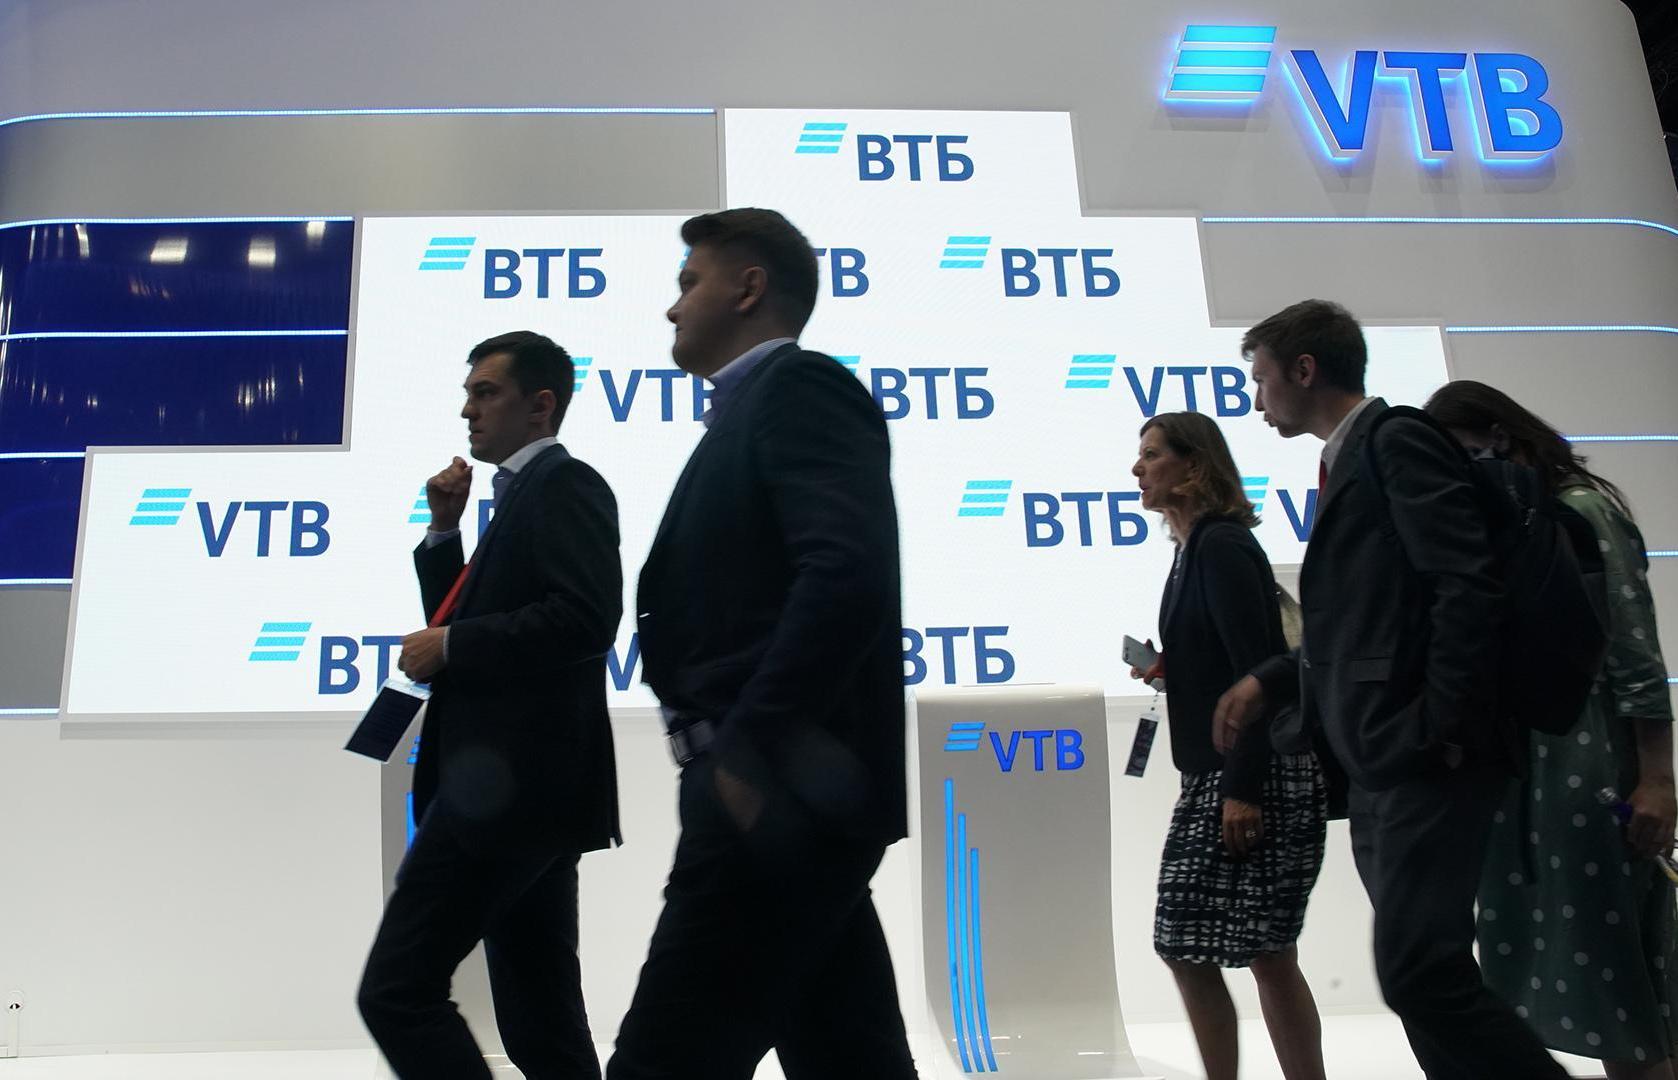 ВТБ готов обеспечить онлайн-начисление алиментов - новости Афанасий